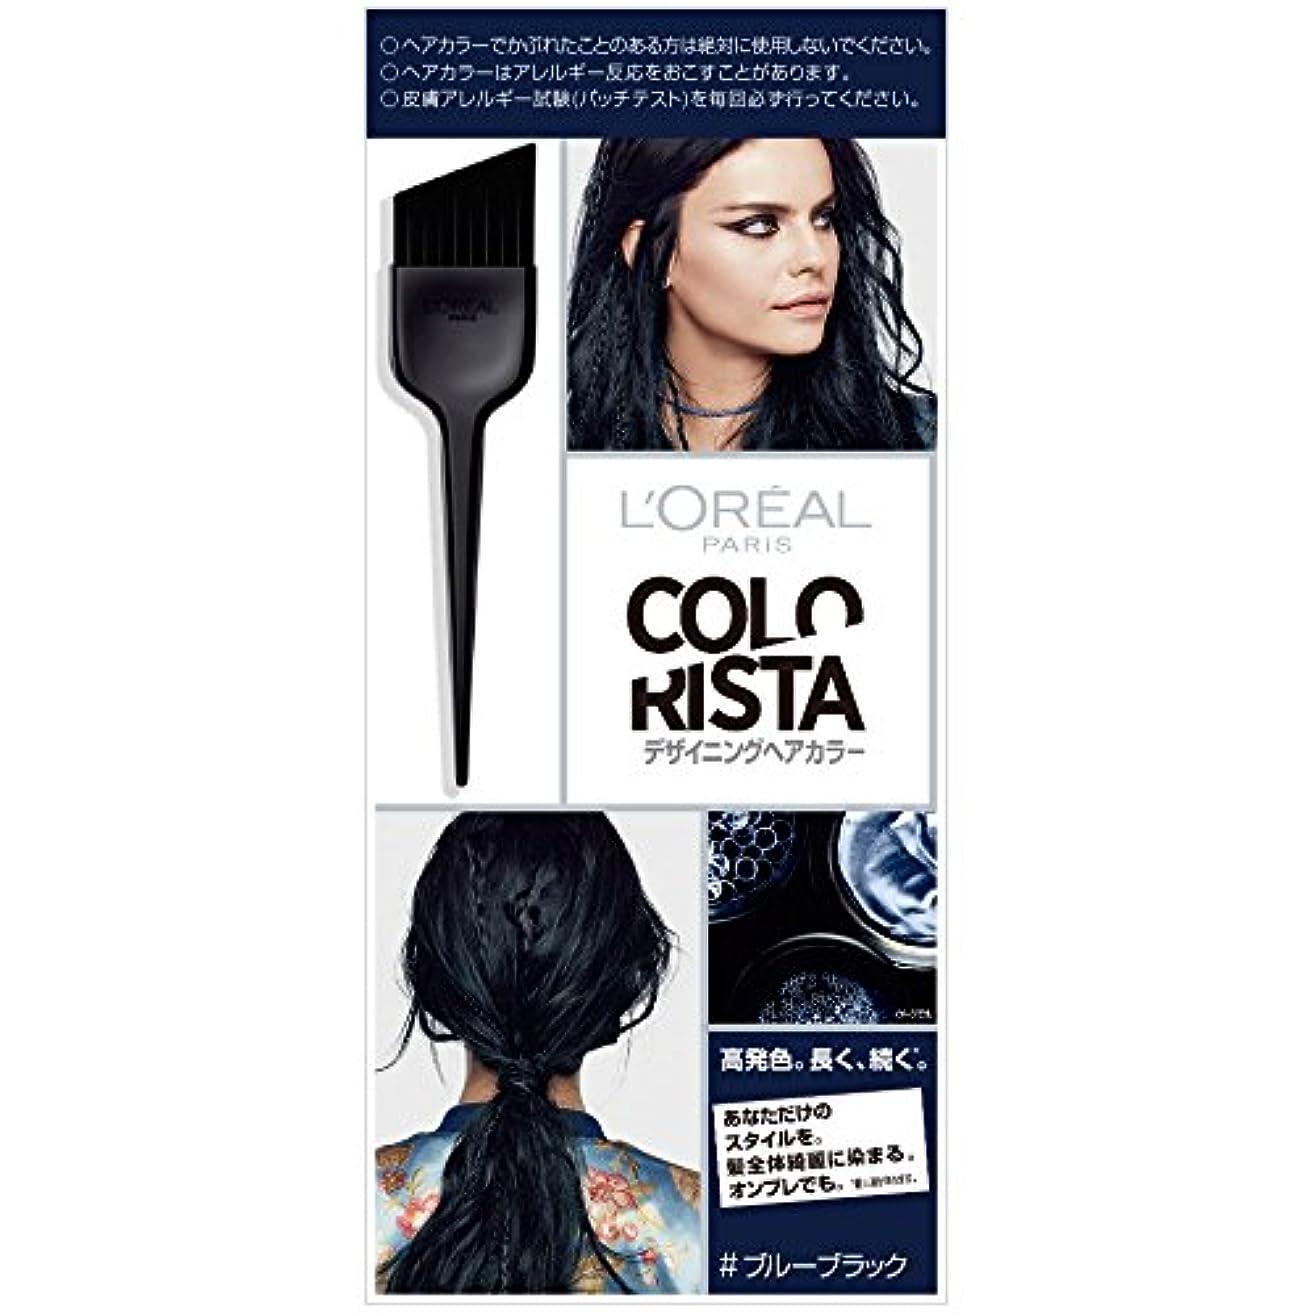 無声で真剣にお母さんロレアル パリ カラーリスタ デザイニングヘアカラー ブルーブラック